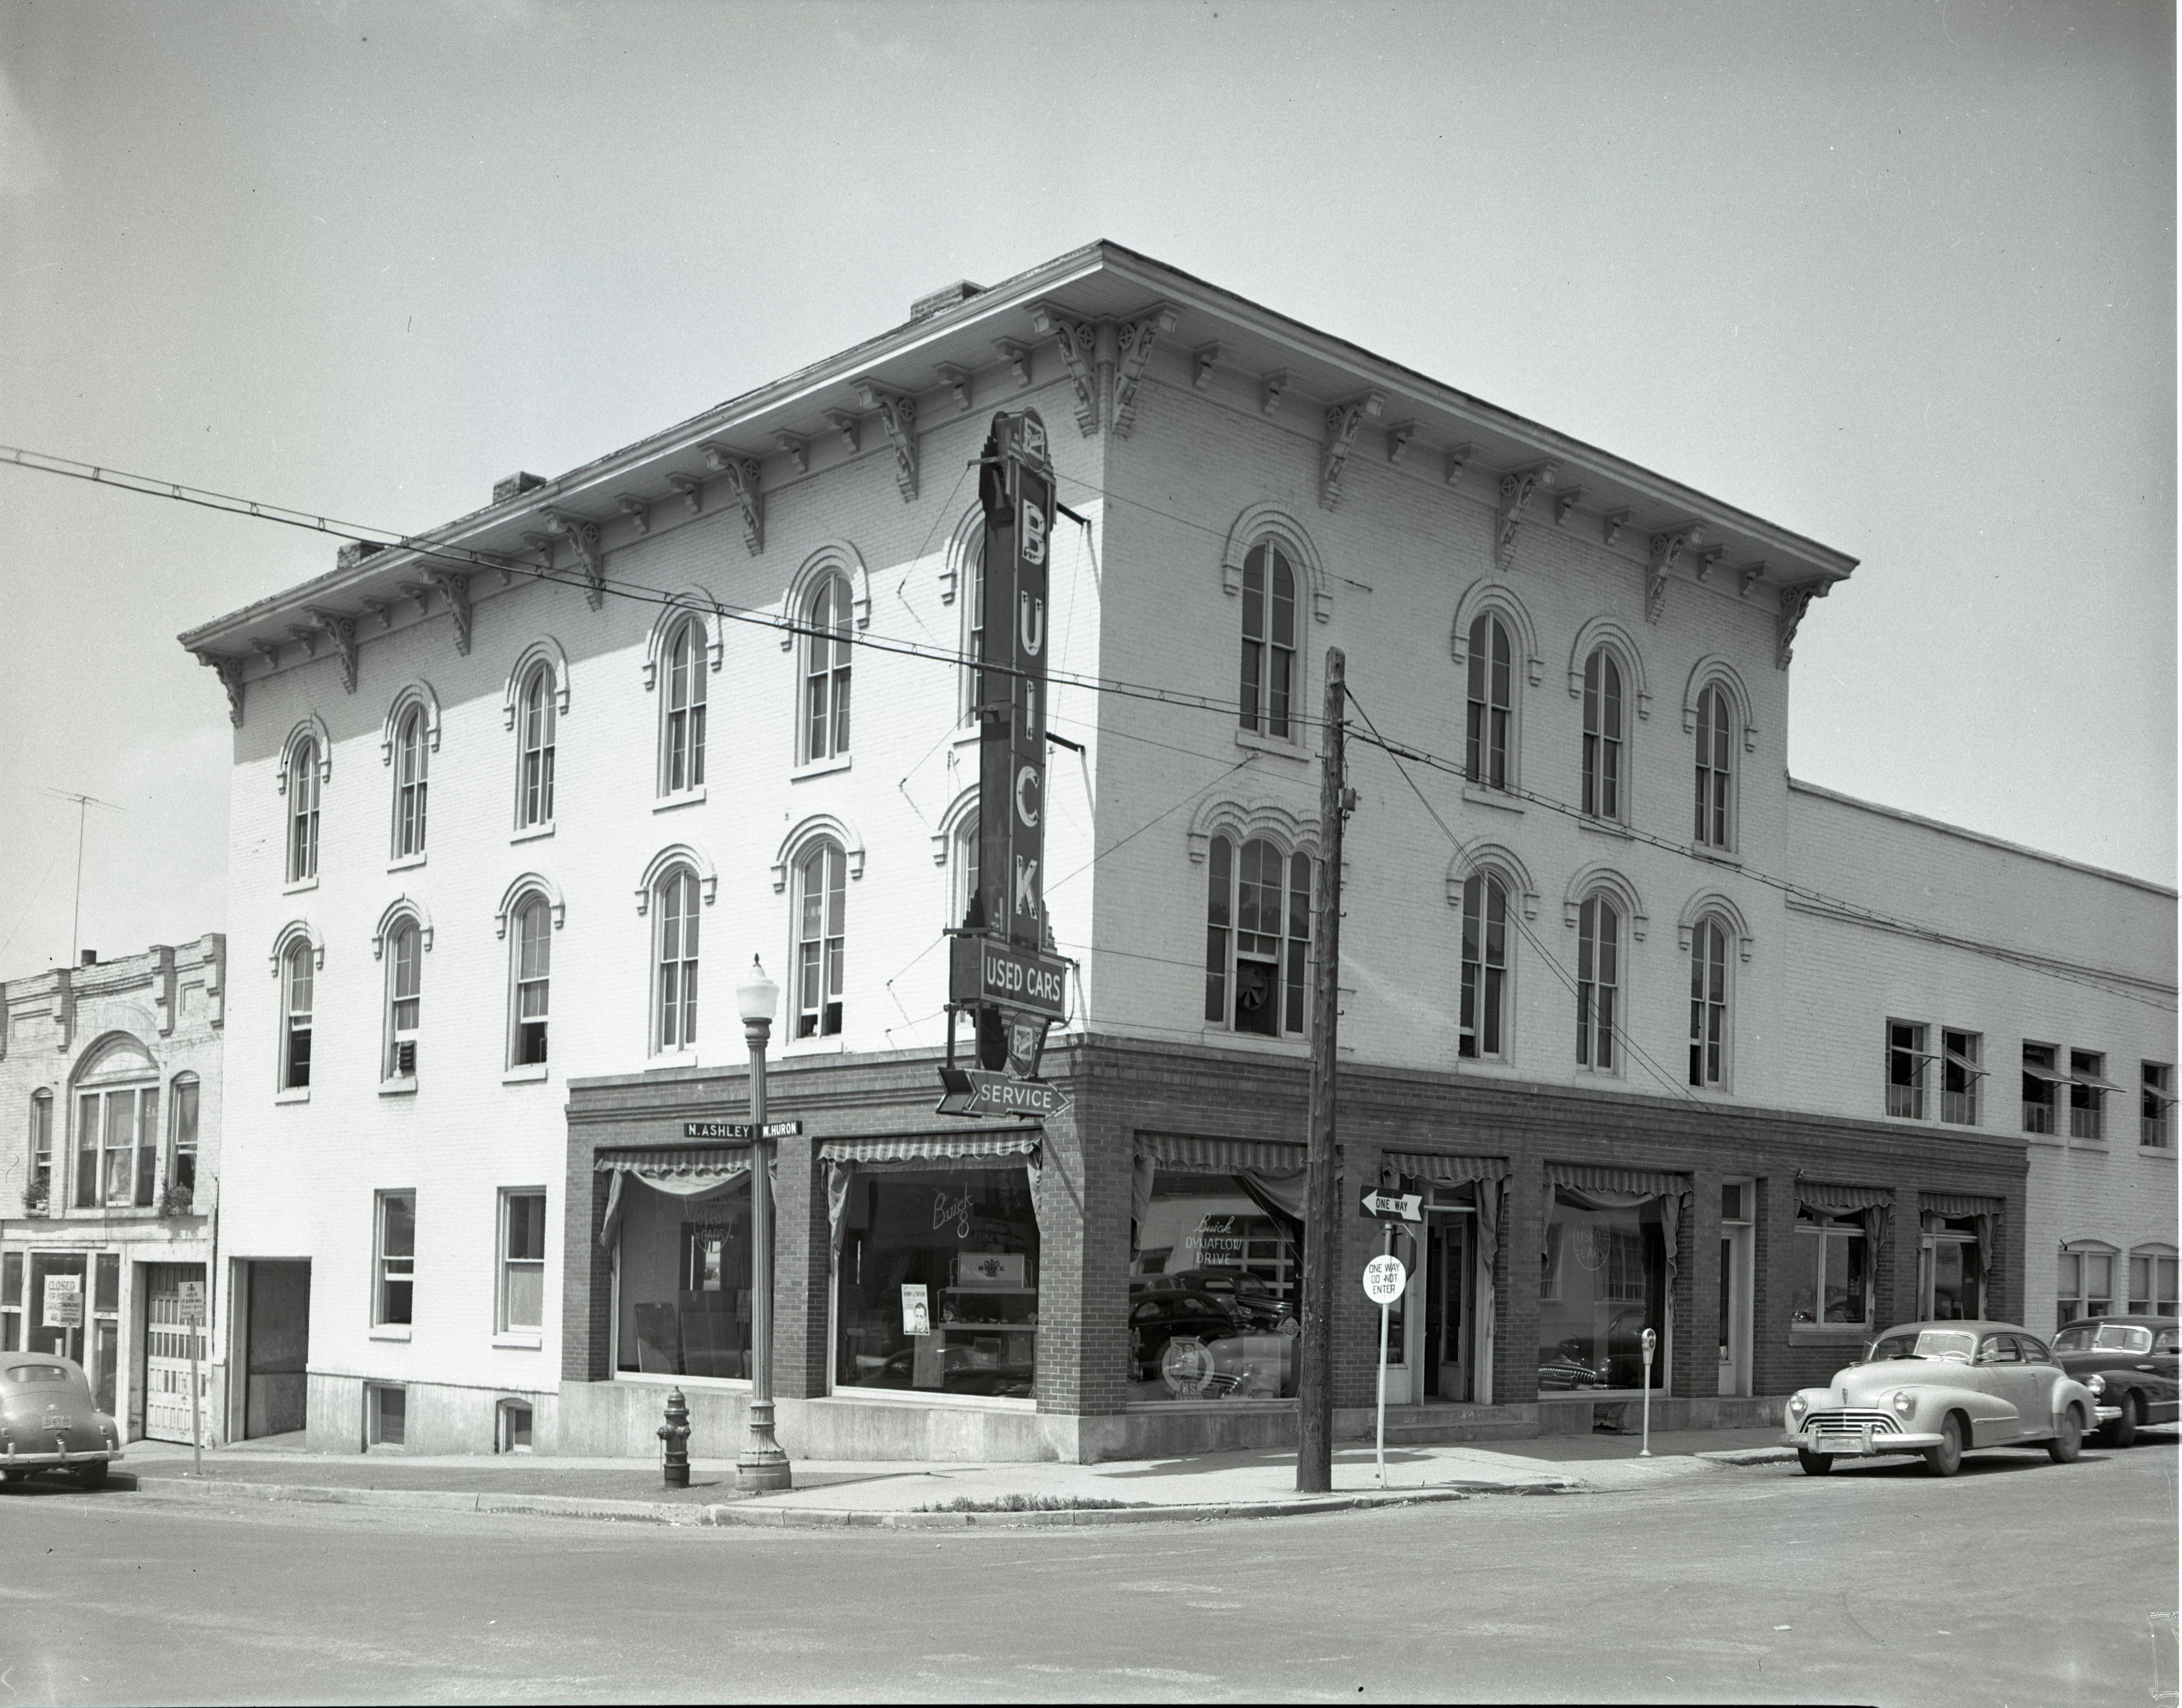 ann arbor buick - 101 n. ashley, august 1948   ann arbor district